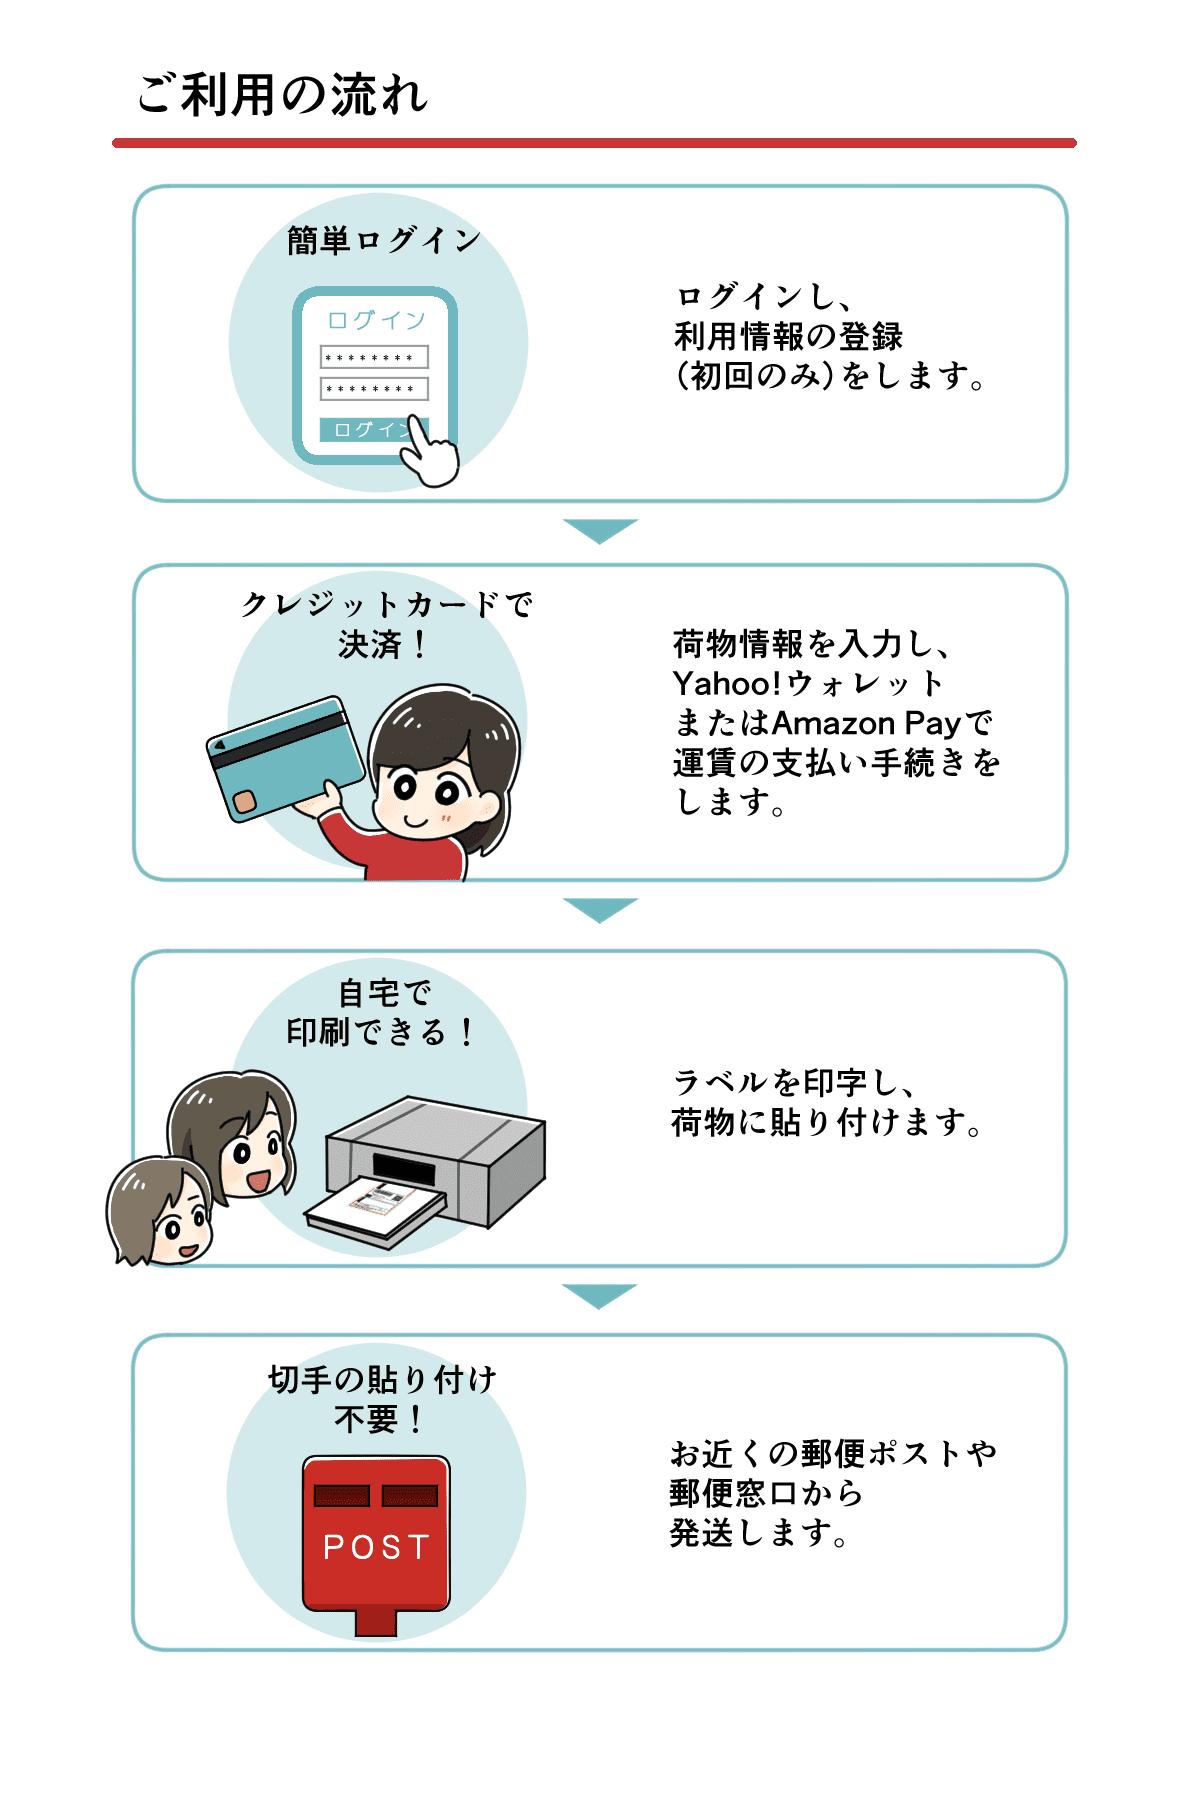 クリックポスト_イラスト_着彩_2